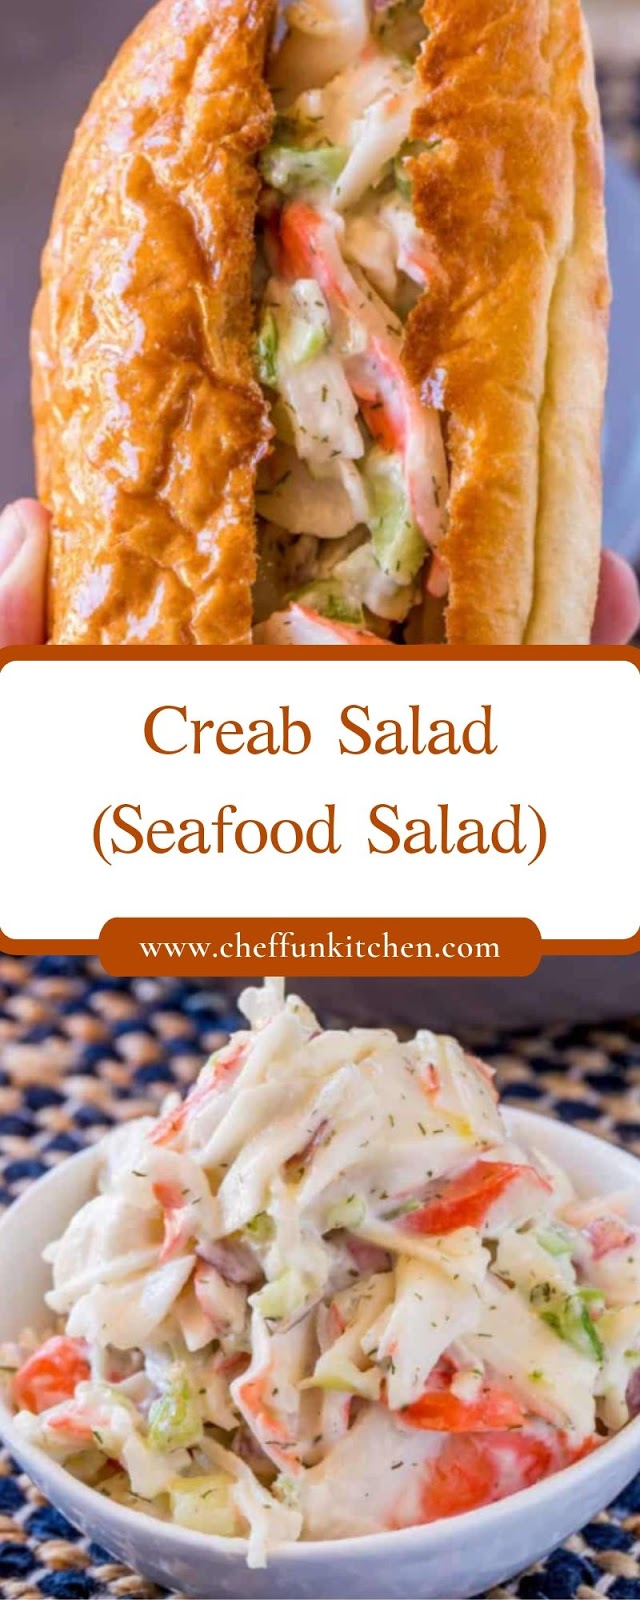 Creab Salad (Seafood Salad)